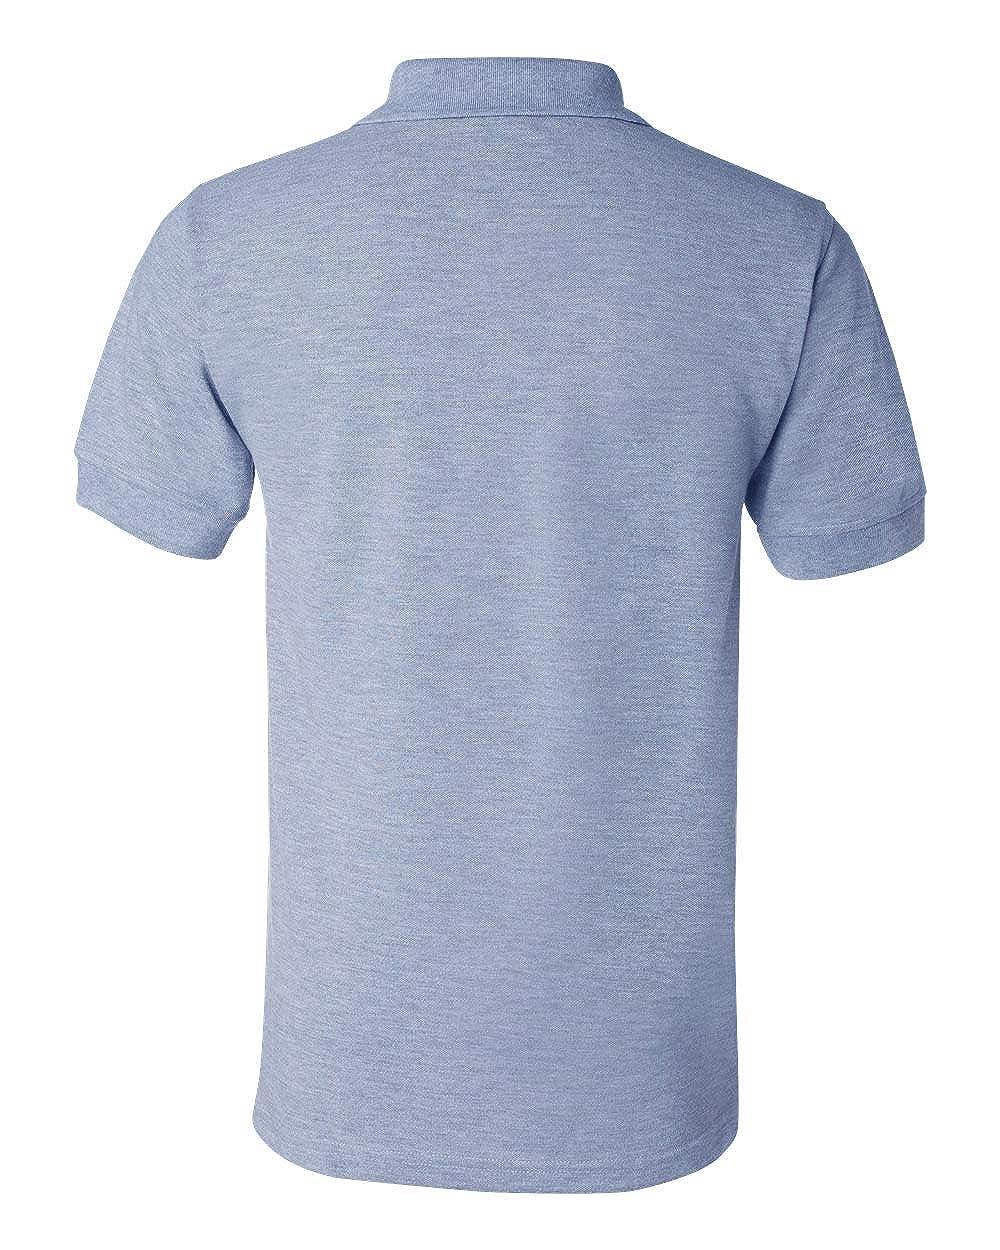 Bayside Mens 1000 USA-Made Sport Uniform Solid Plain Polo Shirt